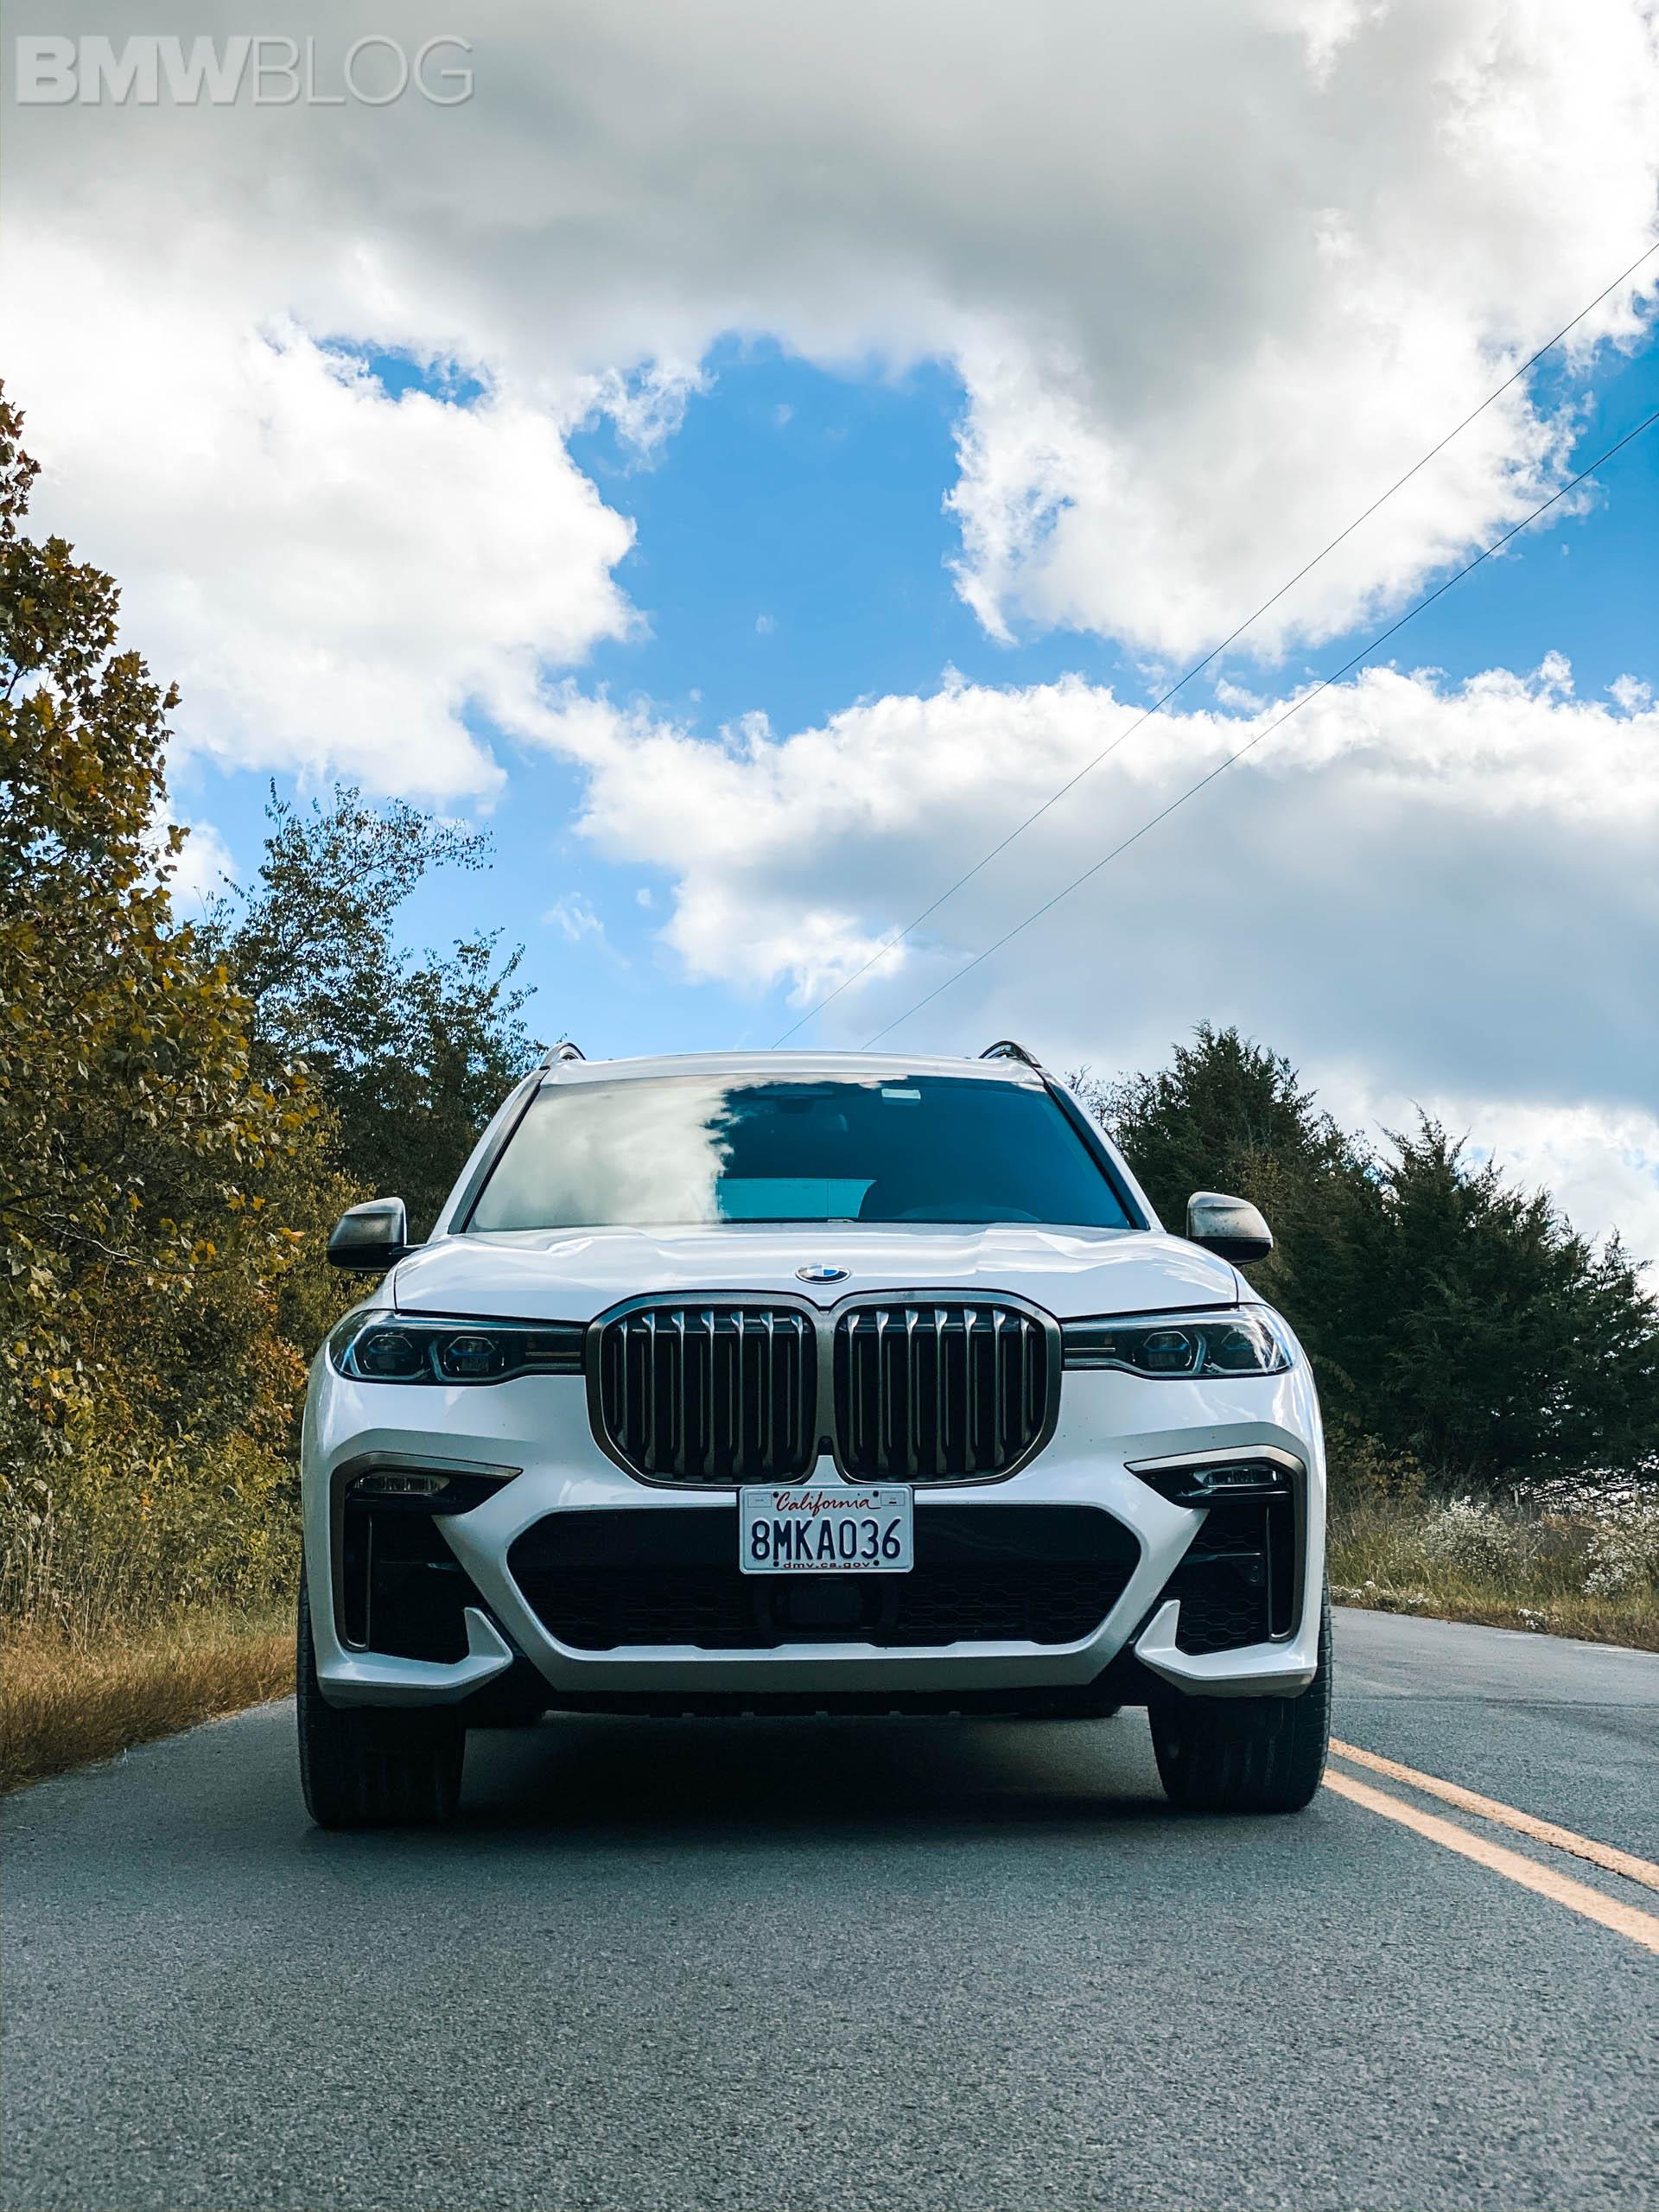 BMW получает корону премиальных продаж в 2020 году, опередив Lexus и Mercedes-Benz